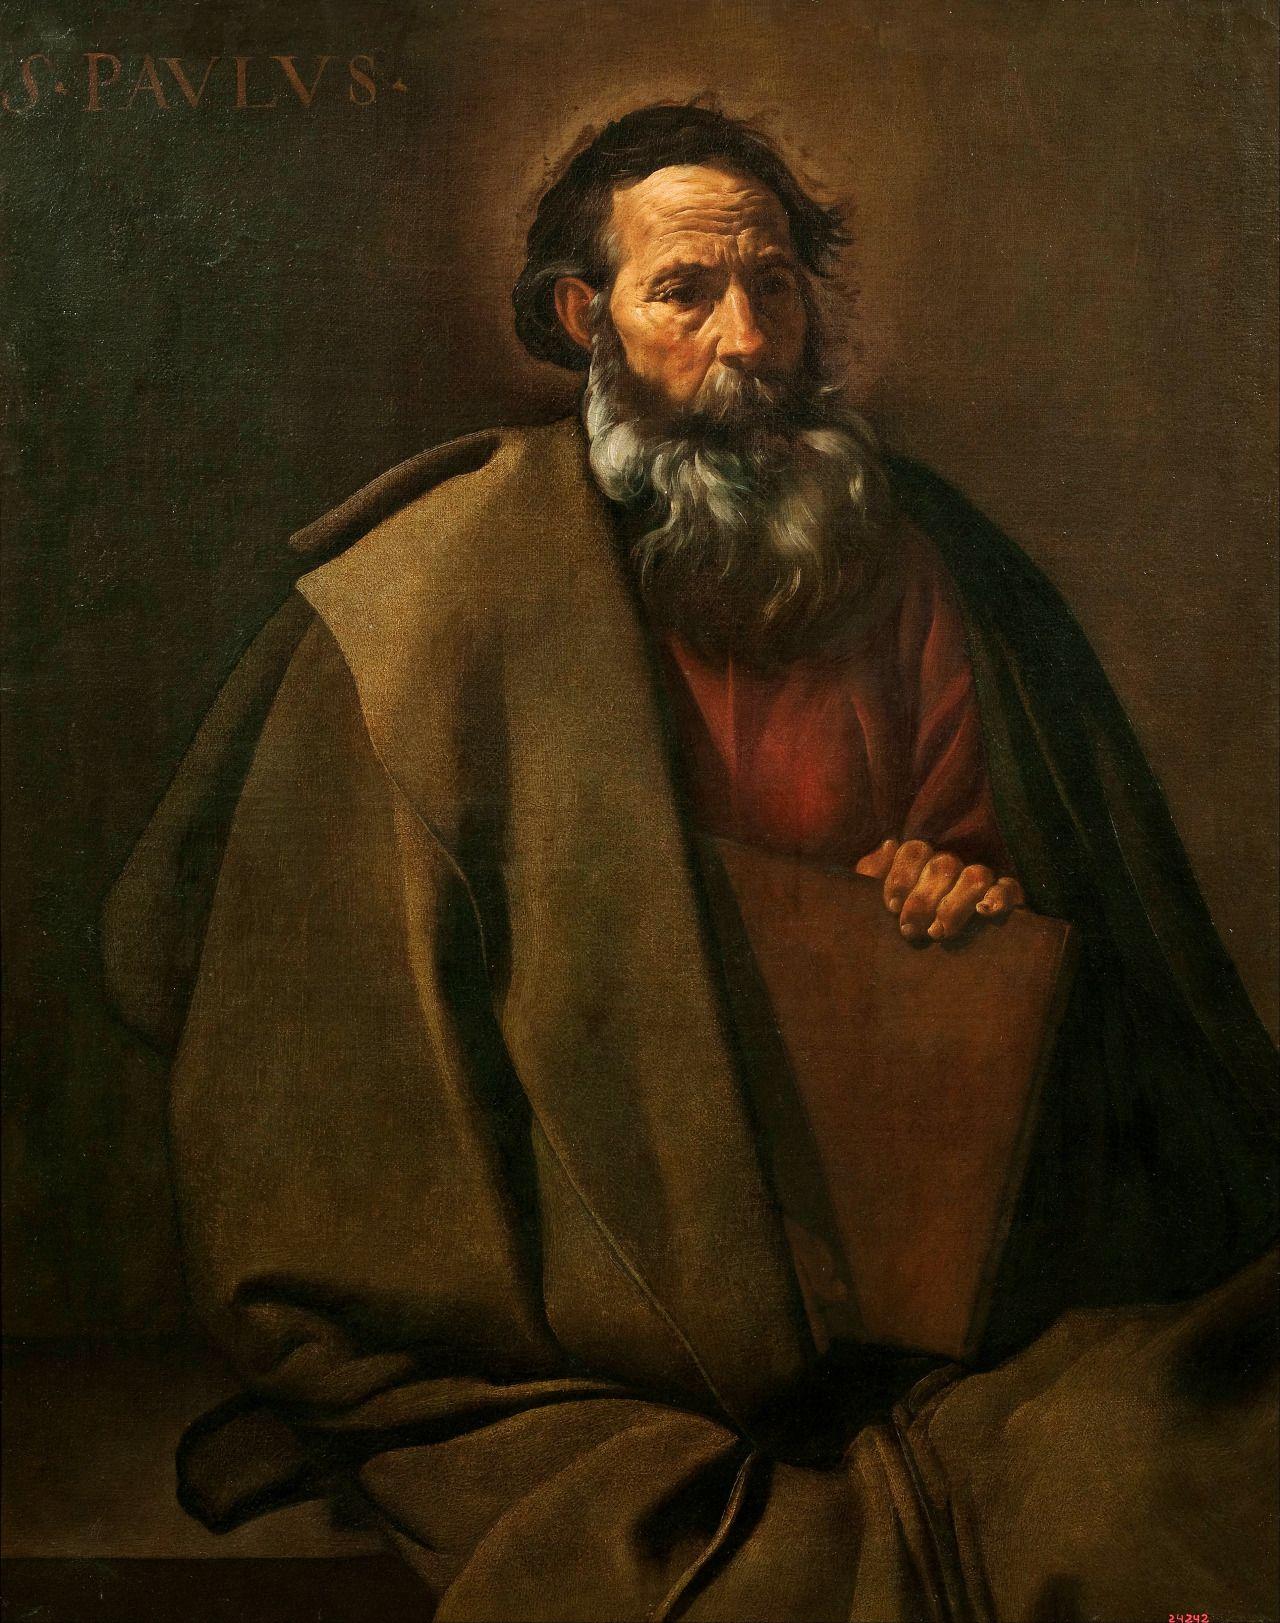 Diego Velázquez  Saint Paul, c. 1619